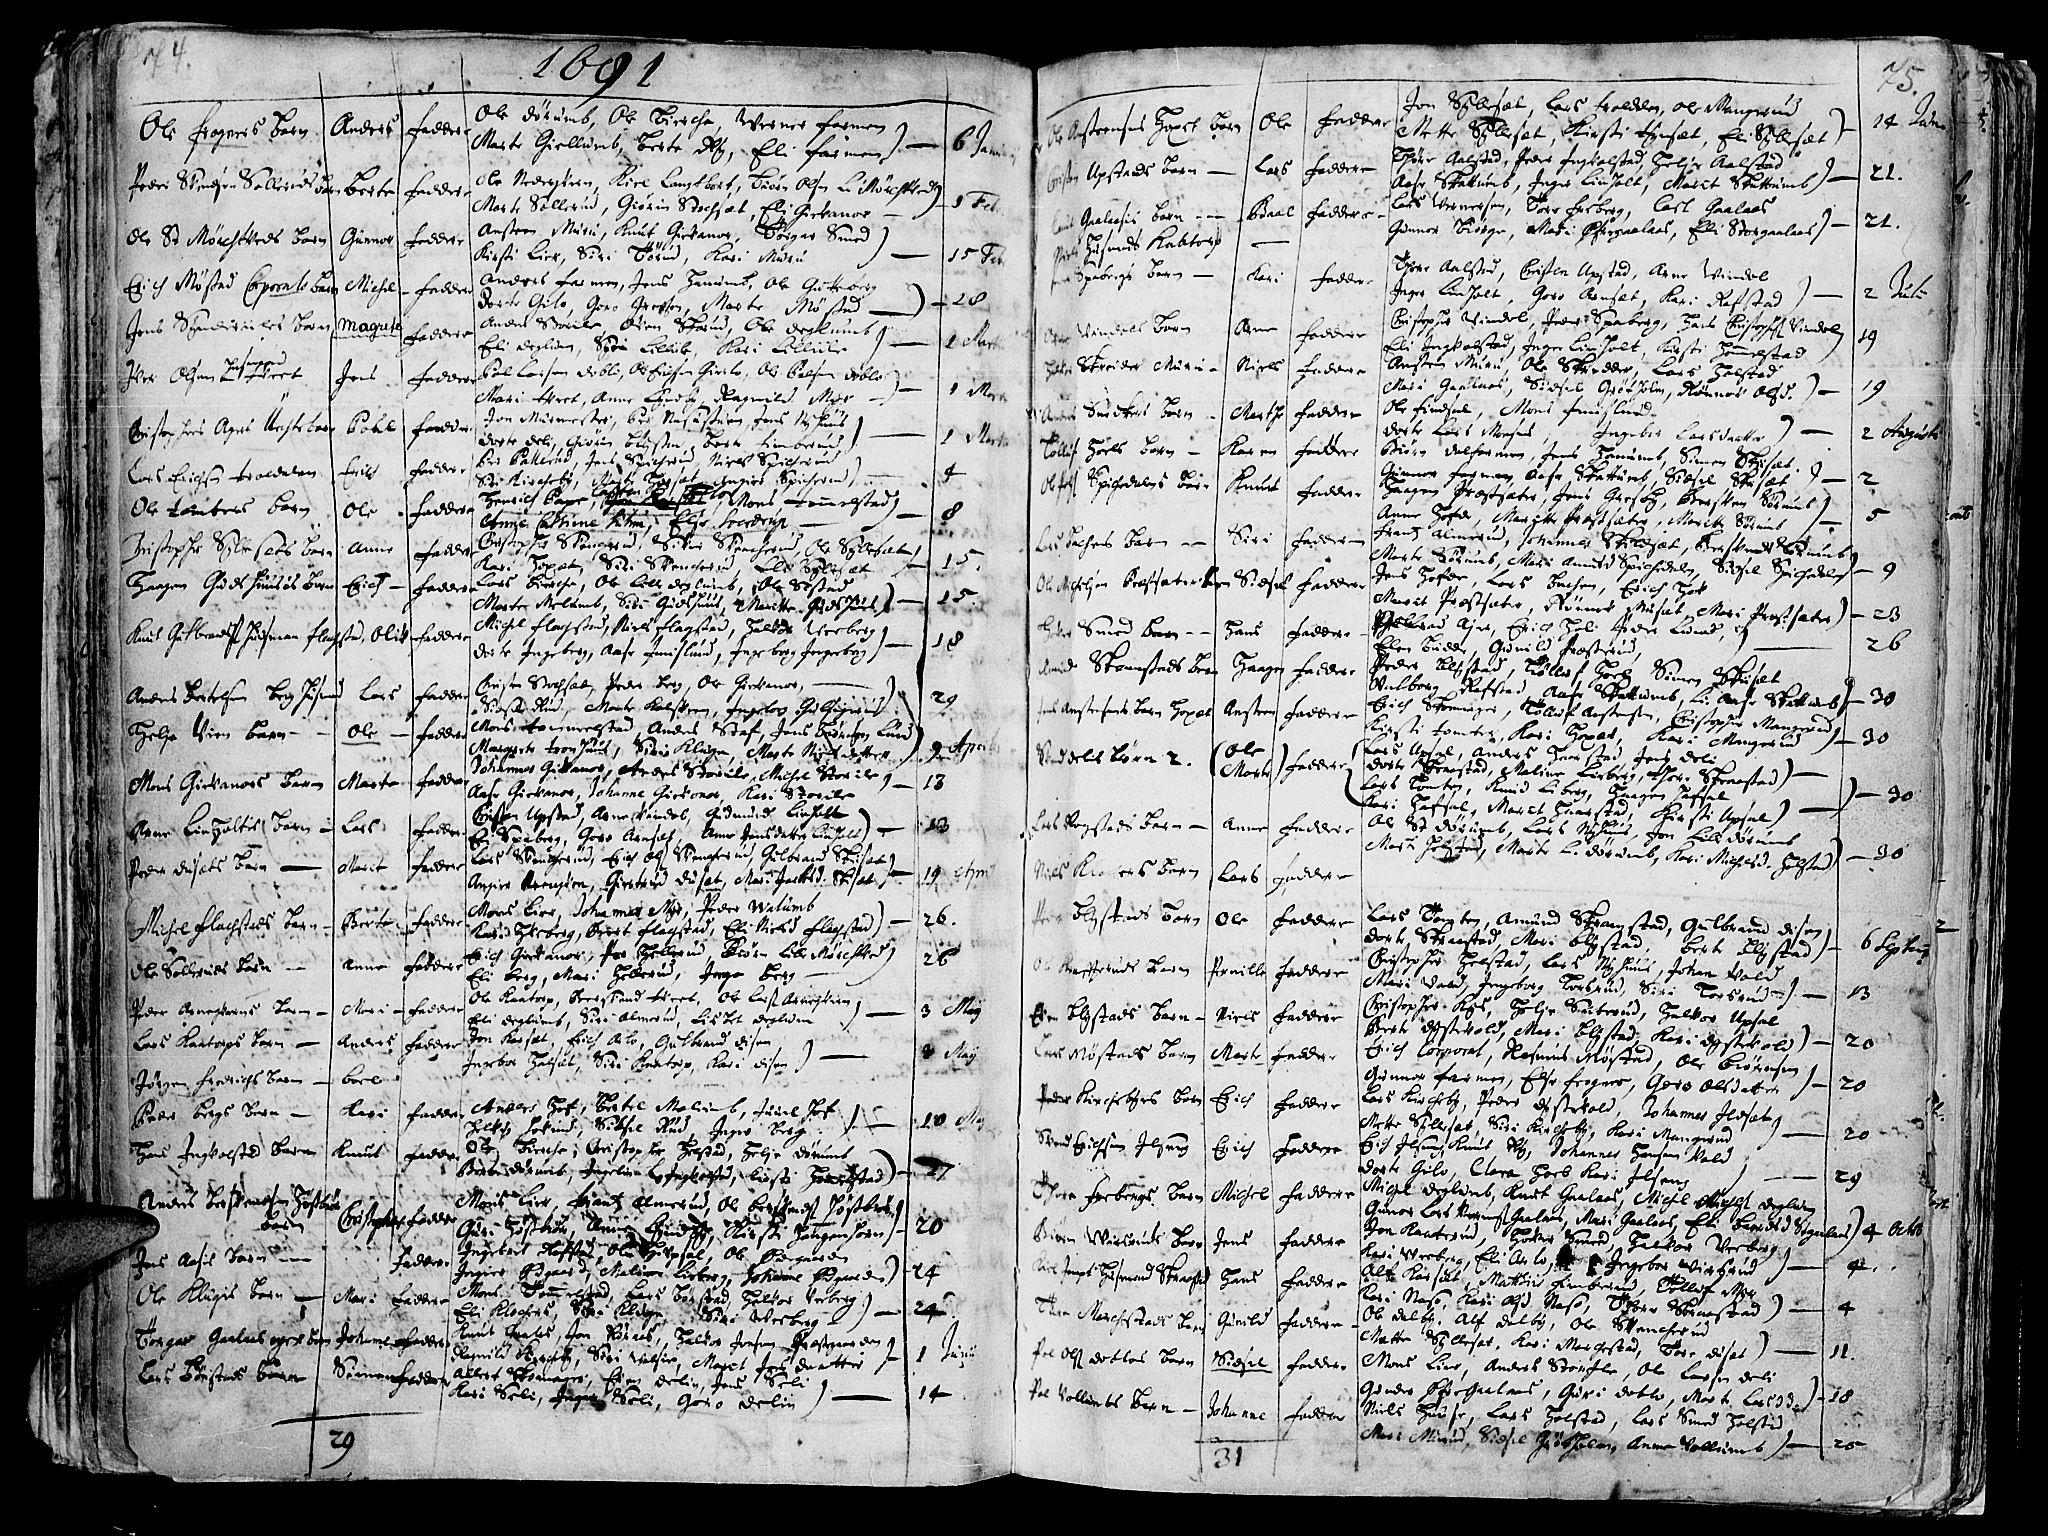 SAH, Vang prestekontor, Hedmark, H/Ha/Haa/L0001: Ministerialbok nr. 1, 1683-1713, s. 74-75